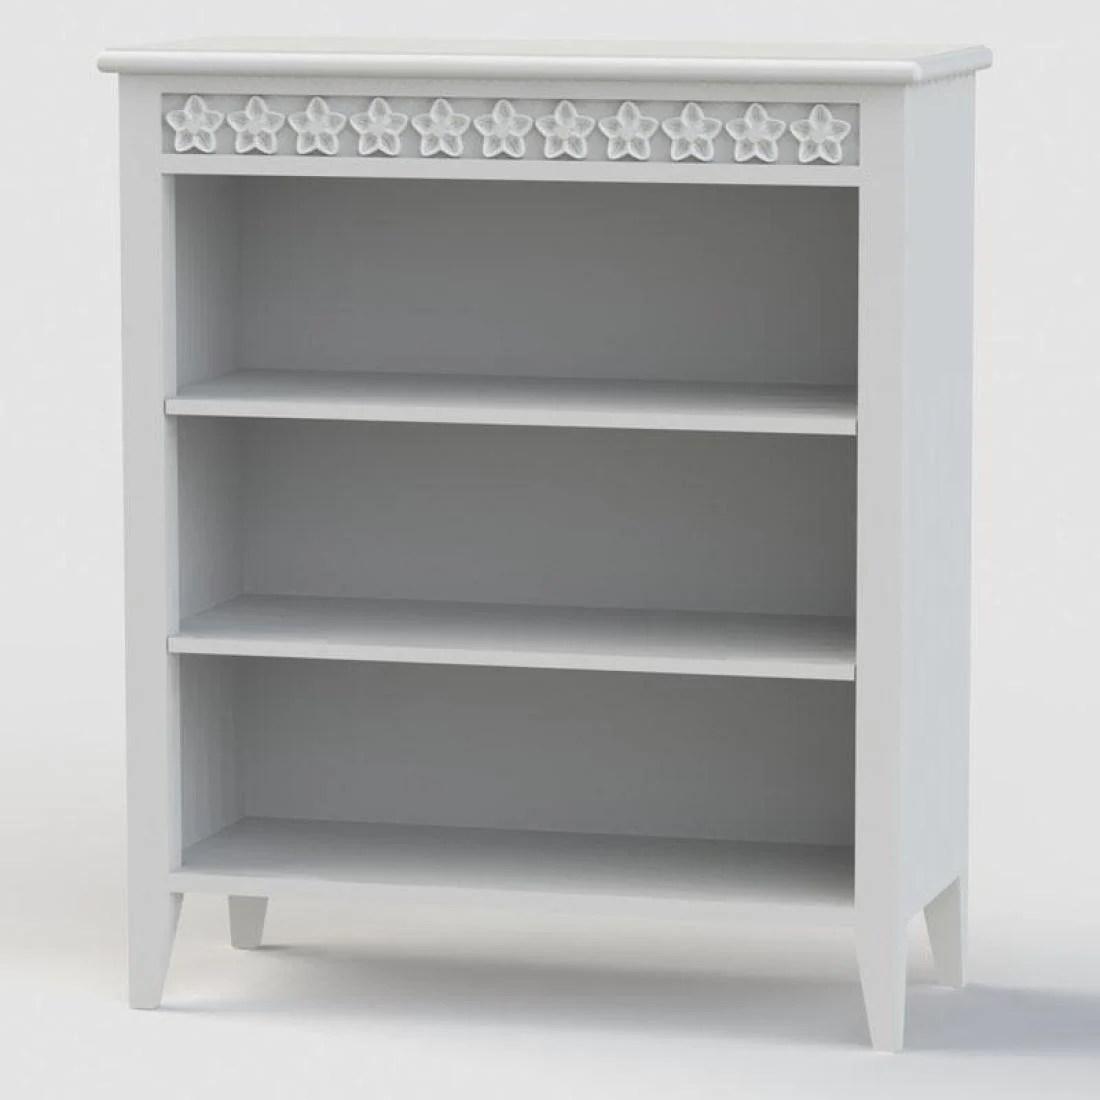 Daisy Brambles Low Bookcase